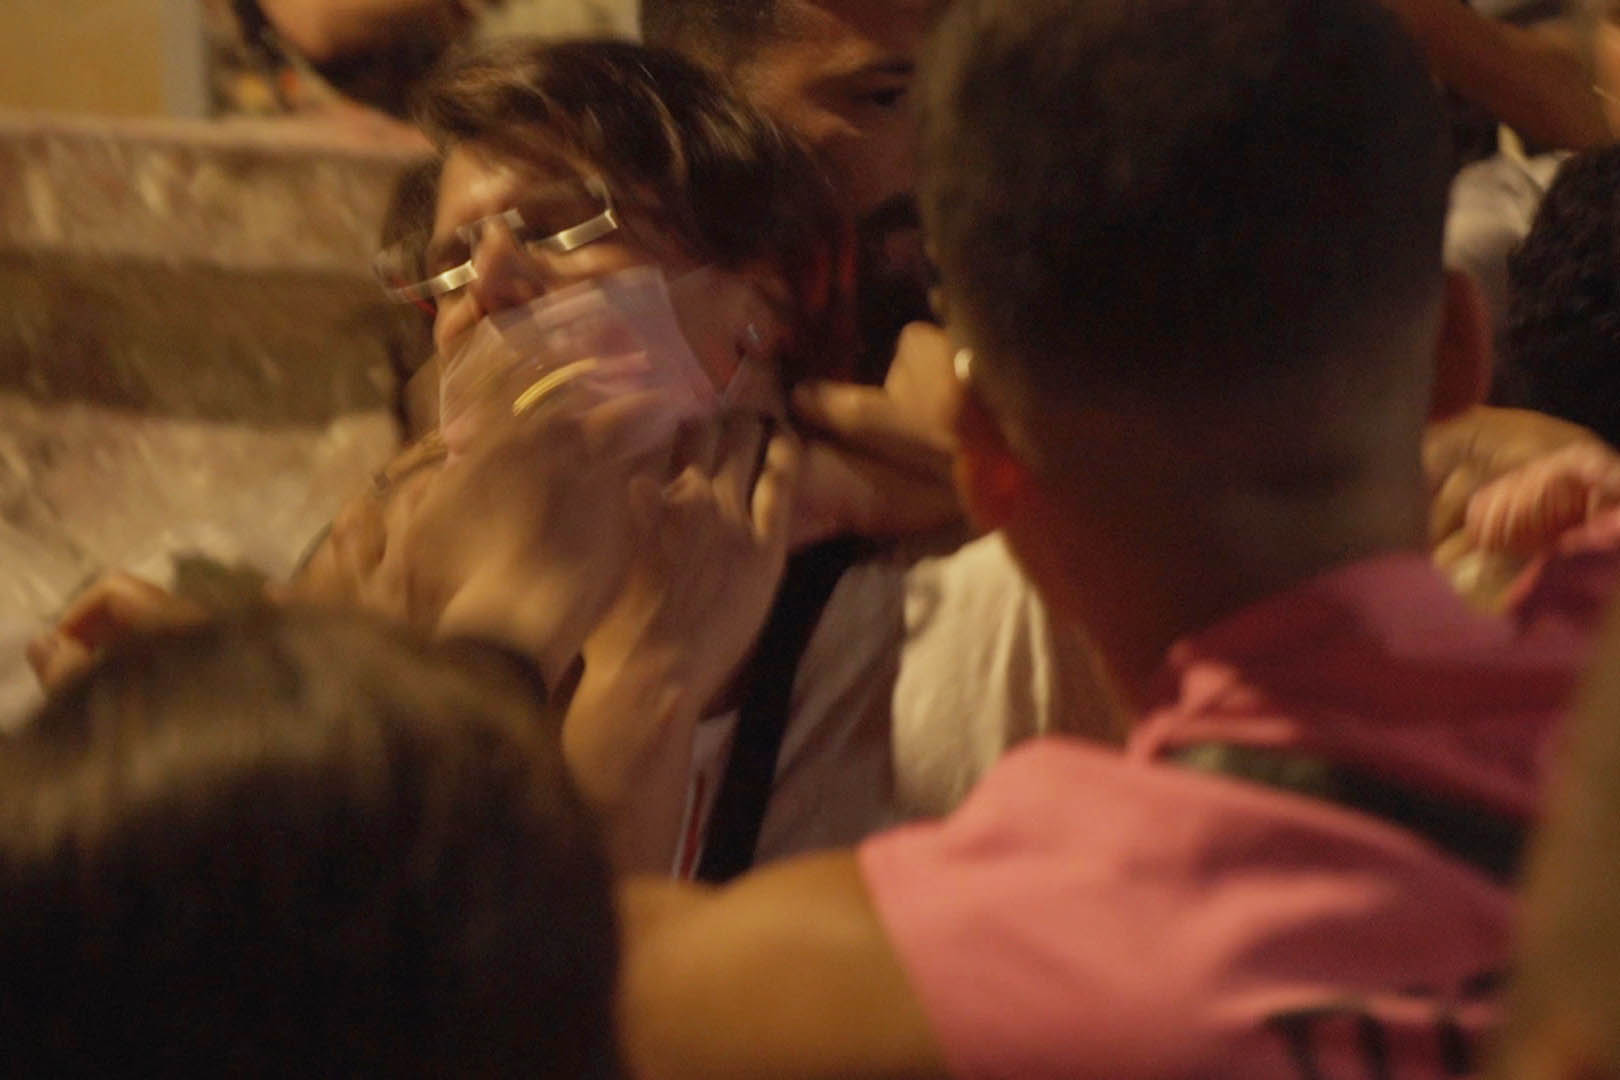 שוטר חונק את ע׳ במהלך הפגנה ביפו